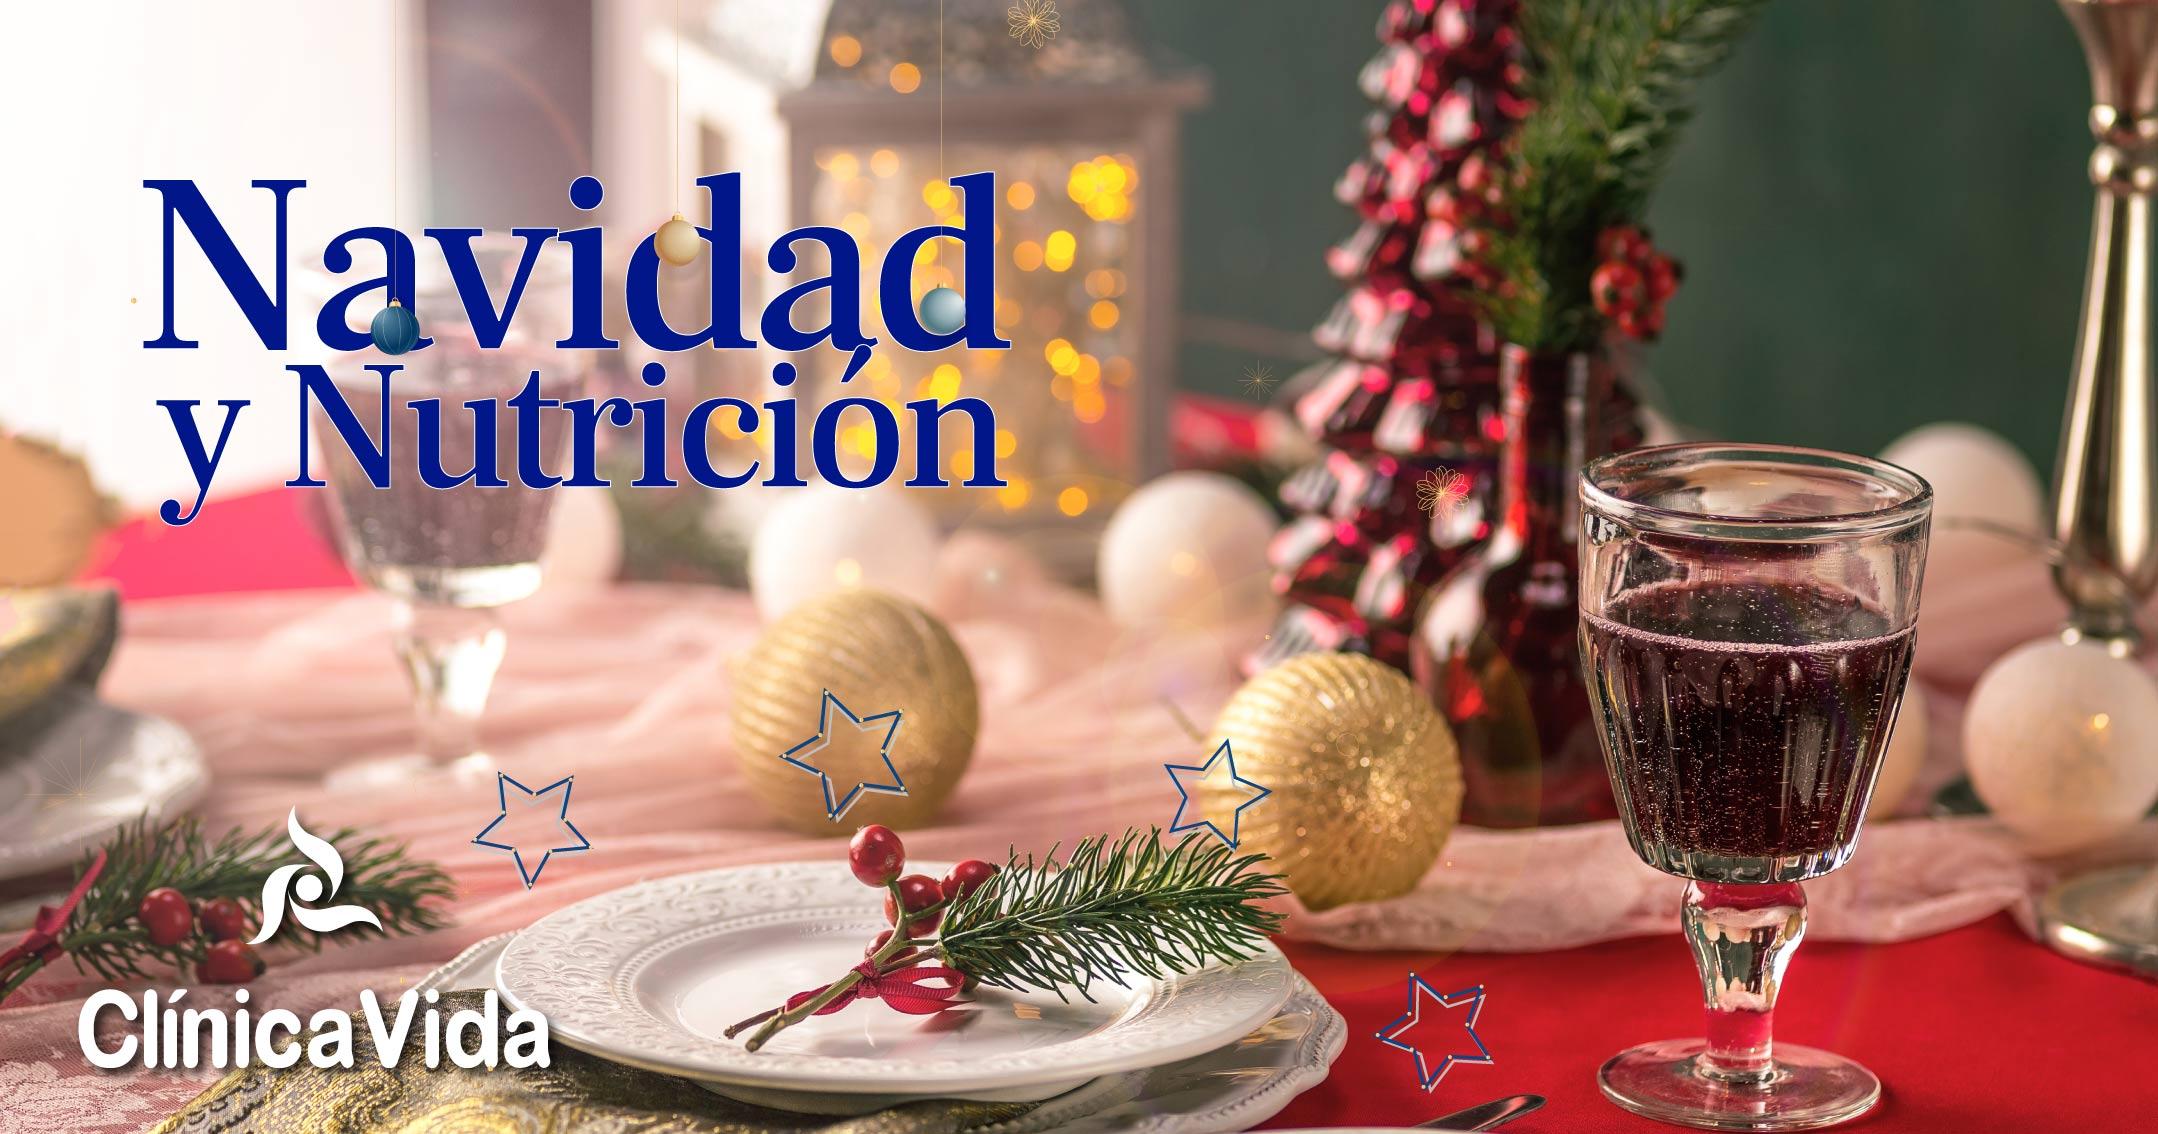 Navidad y nutrición